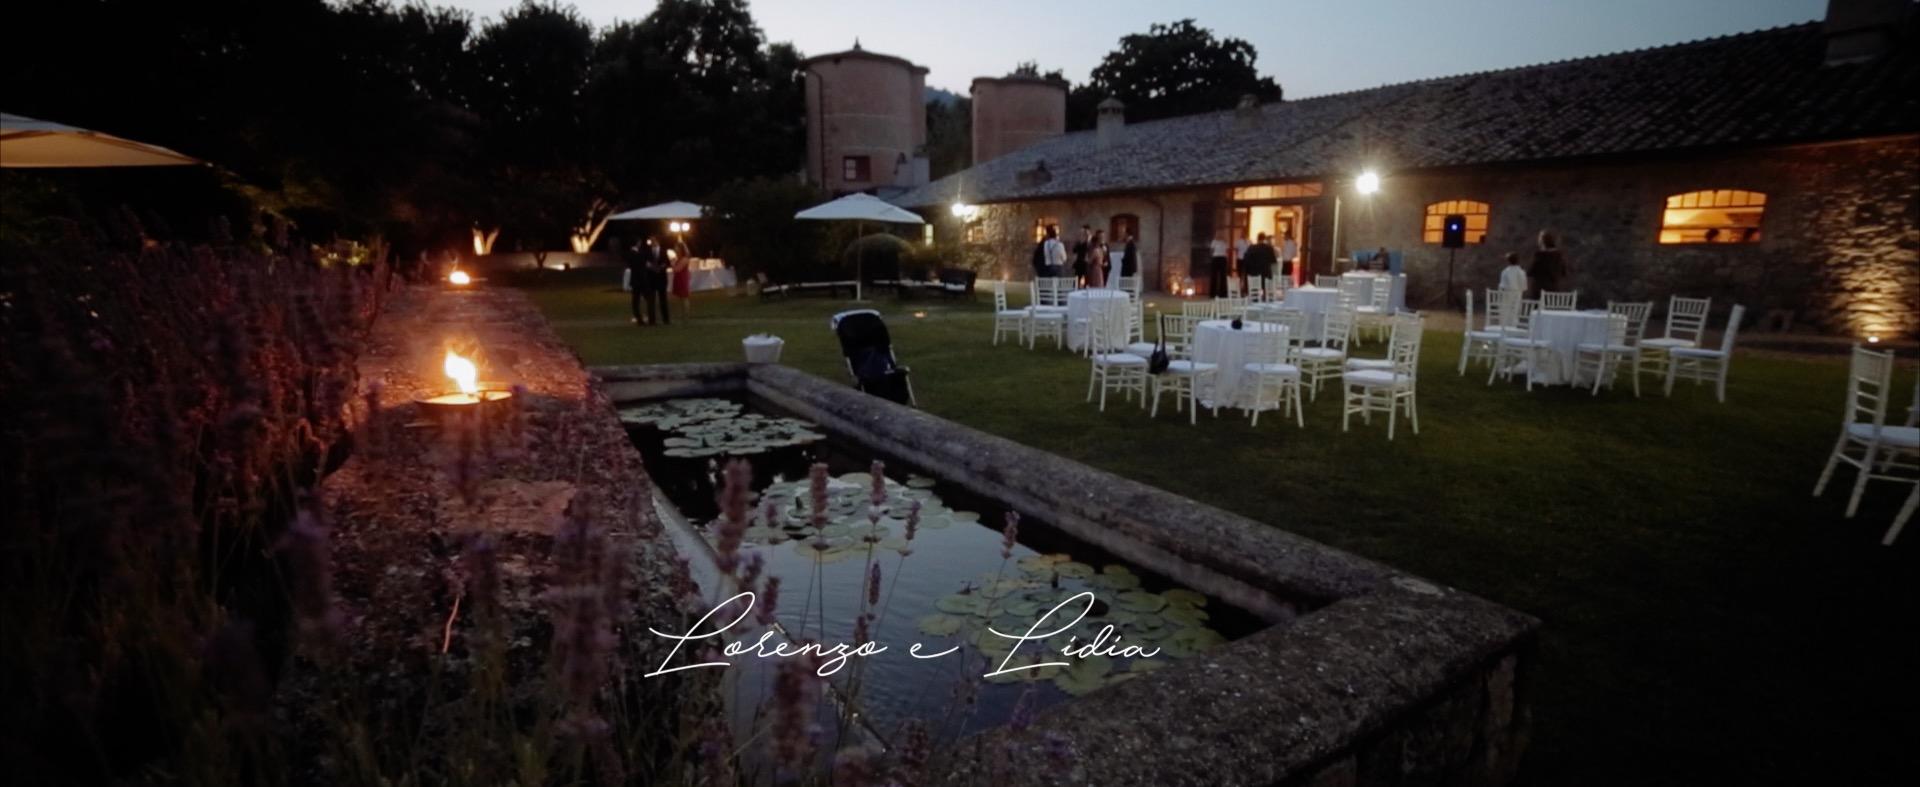 Matrimonio scuderie odescalchi lorenzo + lidia